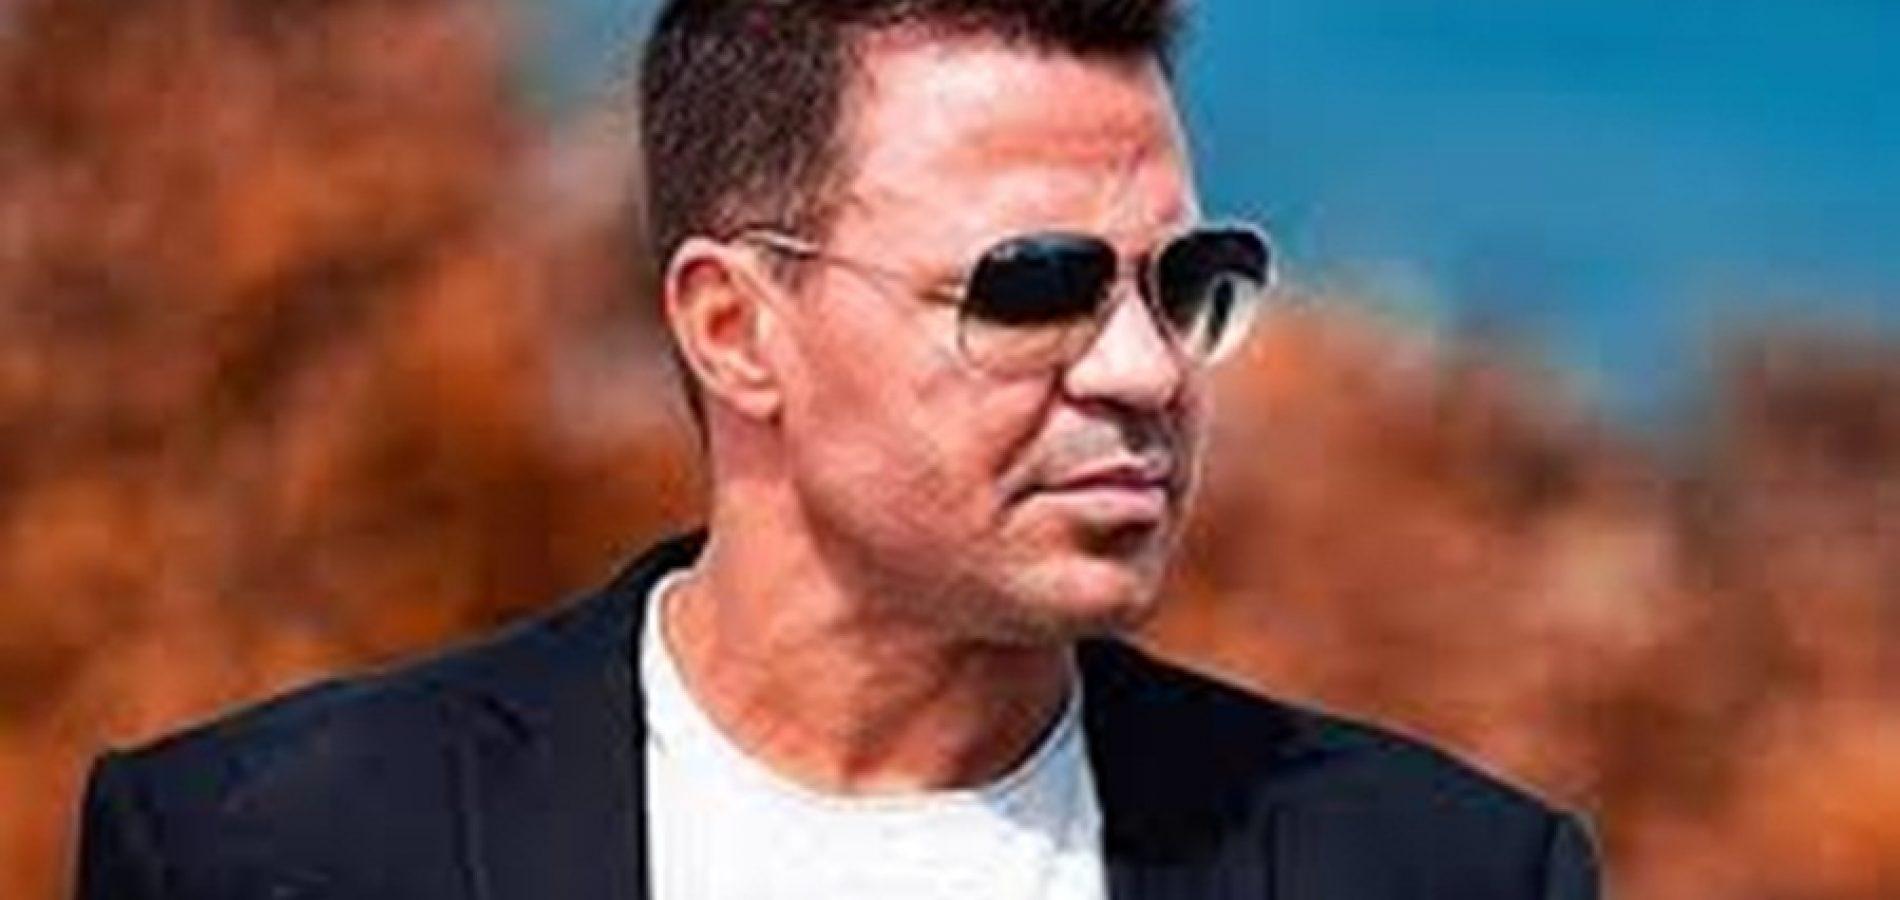 Cantor Eduardo Costa é investigado por fraude milionária